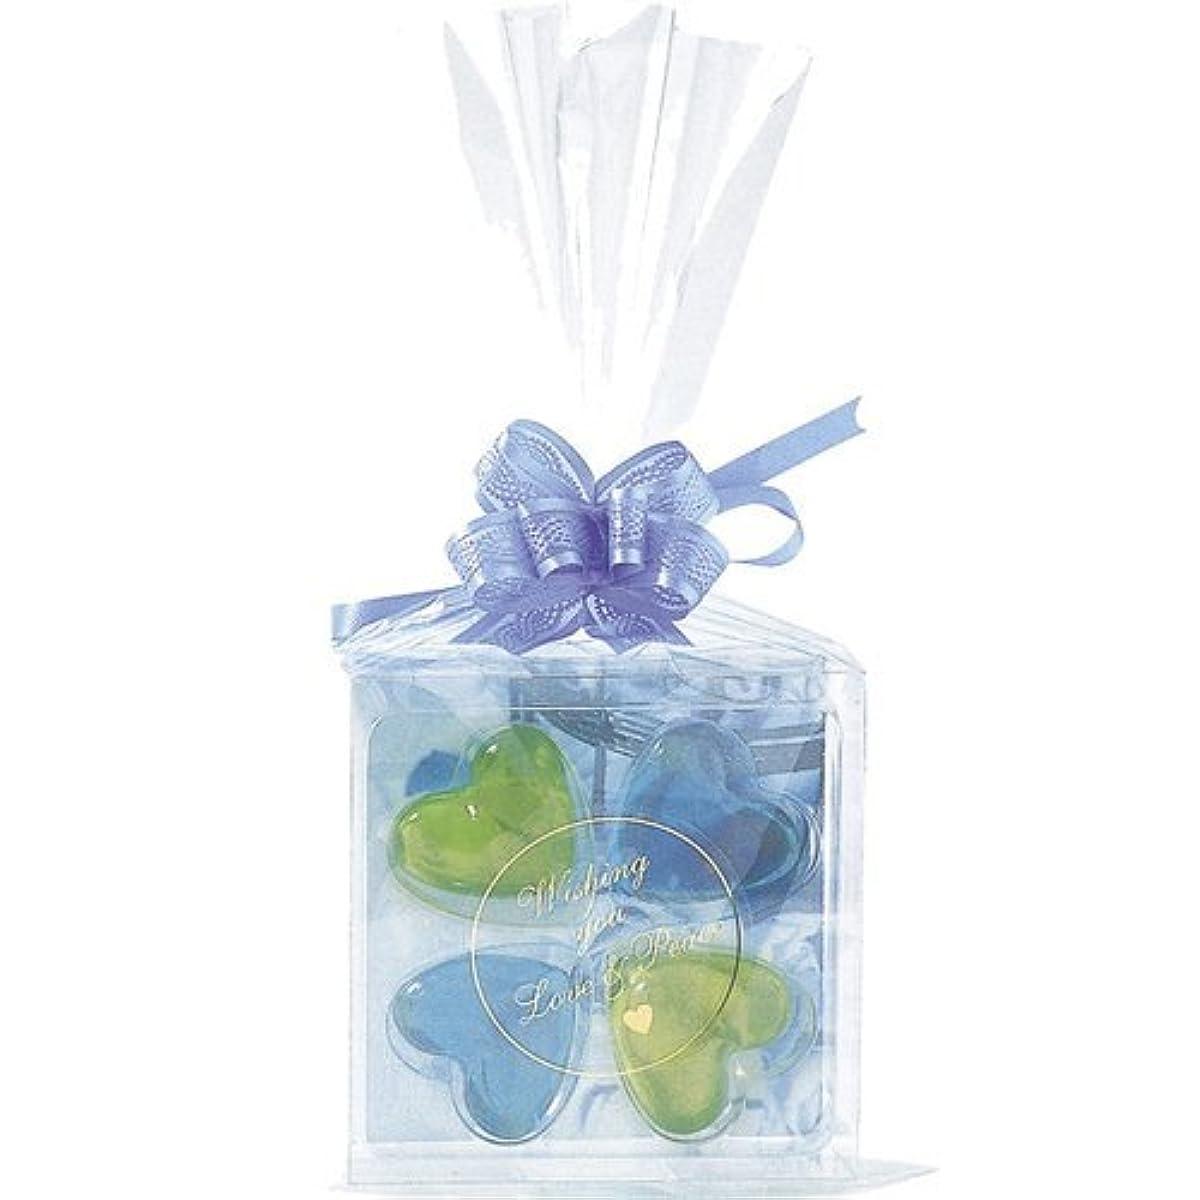 不健康やがて好むジーピークリエイツ フォーチューンクローバー ブルー 入浴料セット(グリーンアップル、ベリー)